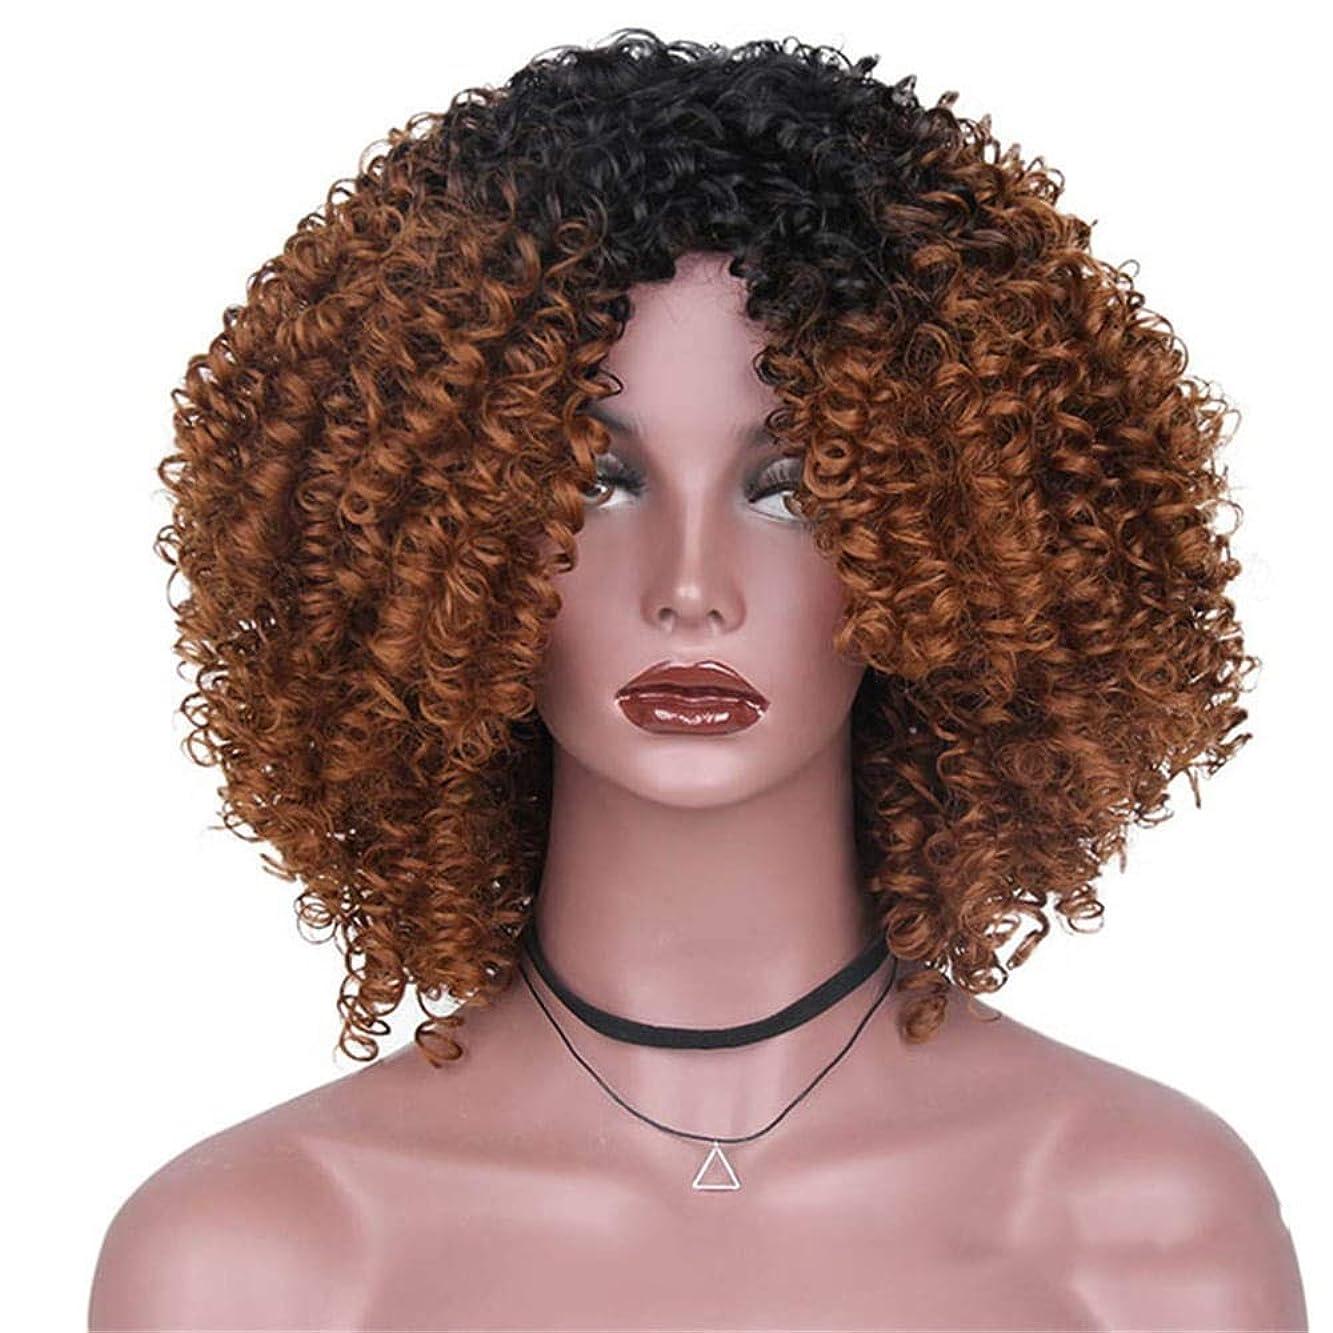 艶匹敵します豊かなBOBIDYEE 14インチのアフリカの黒人女性のグラデーションカラー爆発ヘッドふわふわの小さな波の髪のかつらパーティーかつら (色 : C-1)